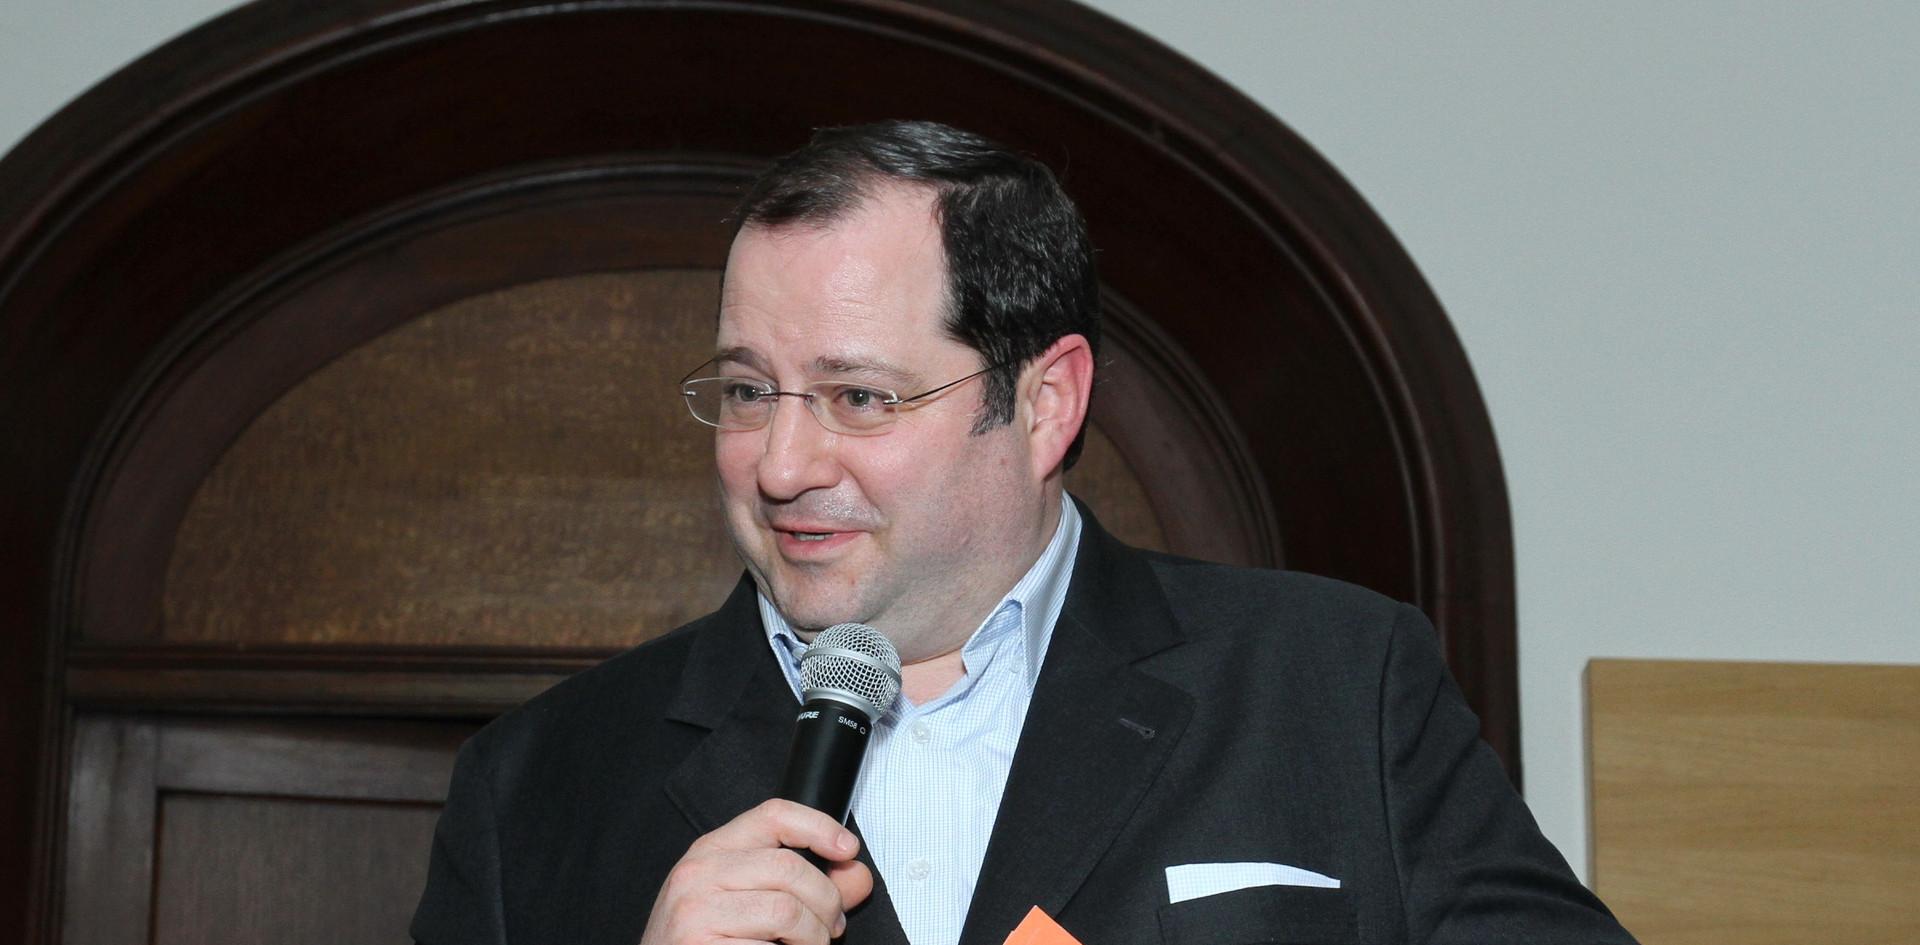 Daniel Riedl verabschiedet sich vom Publikum